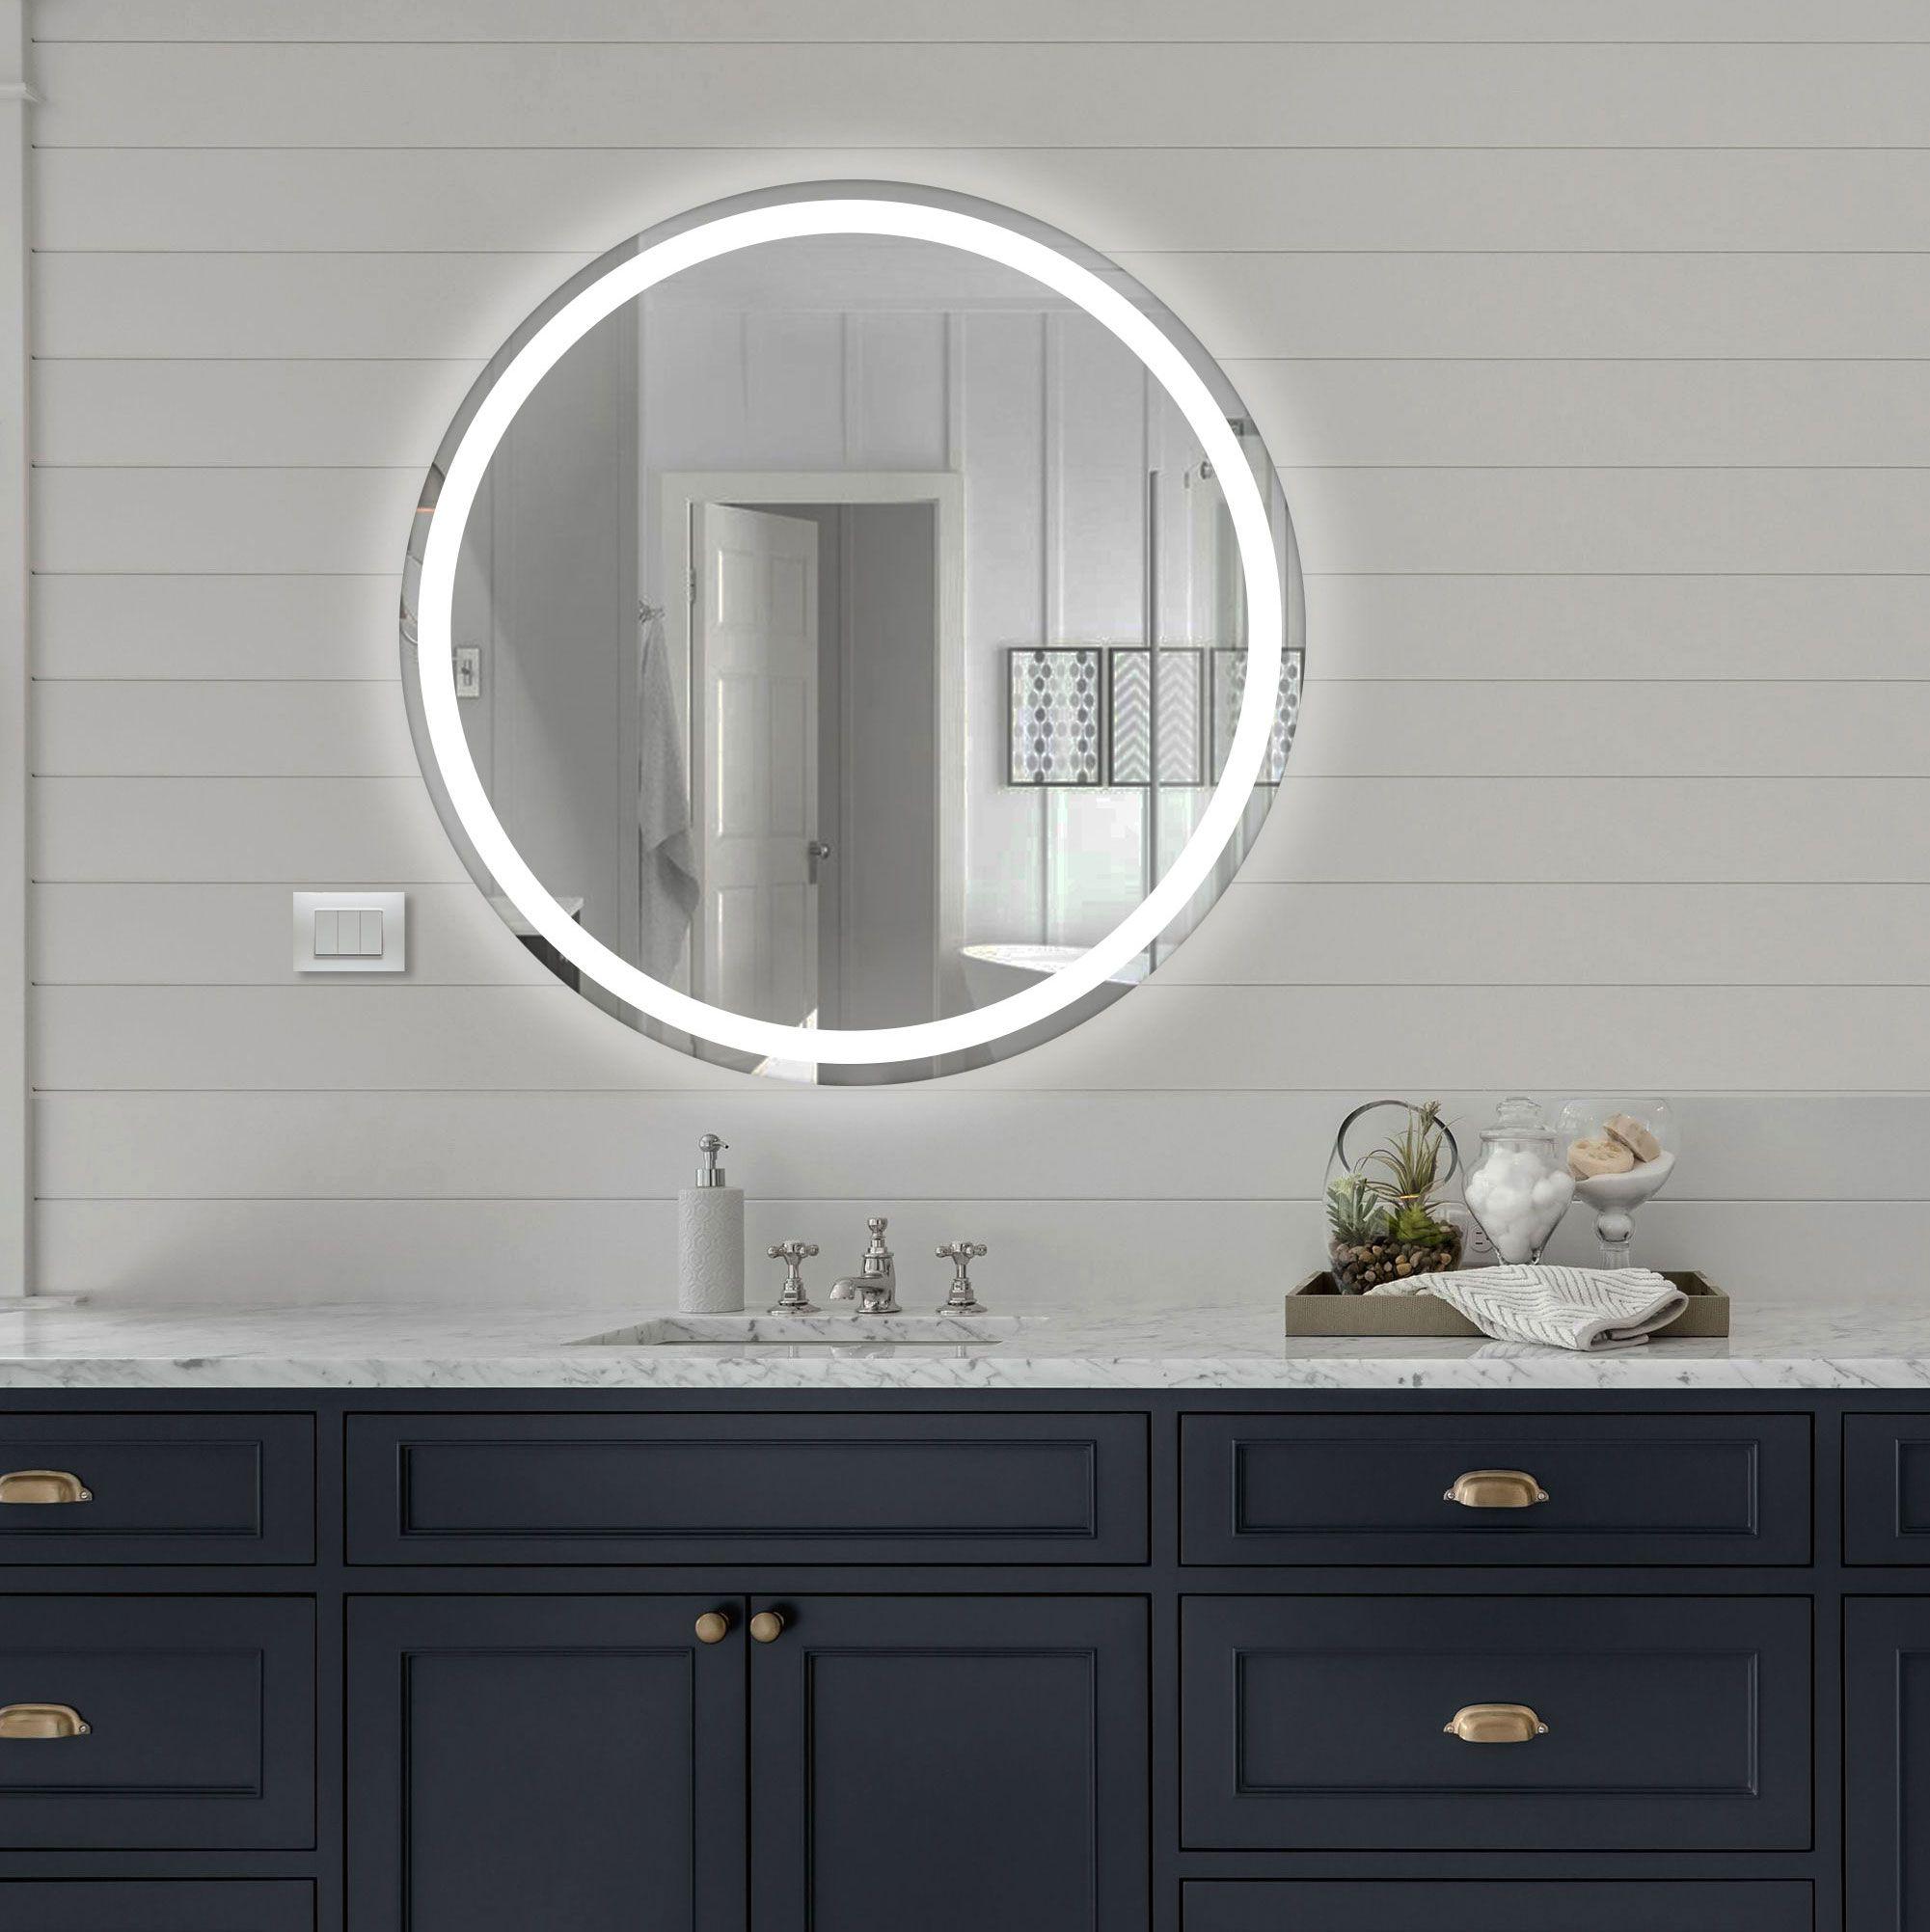 Specchio Bagno Led 100.Specchio Rotondo Retroilluminato Led Con Banda Sabbiata Interna